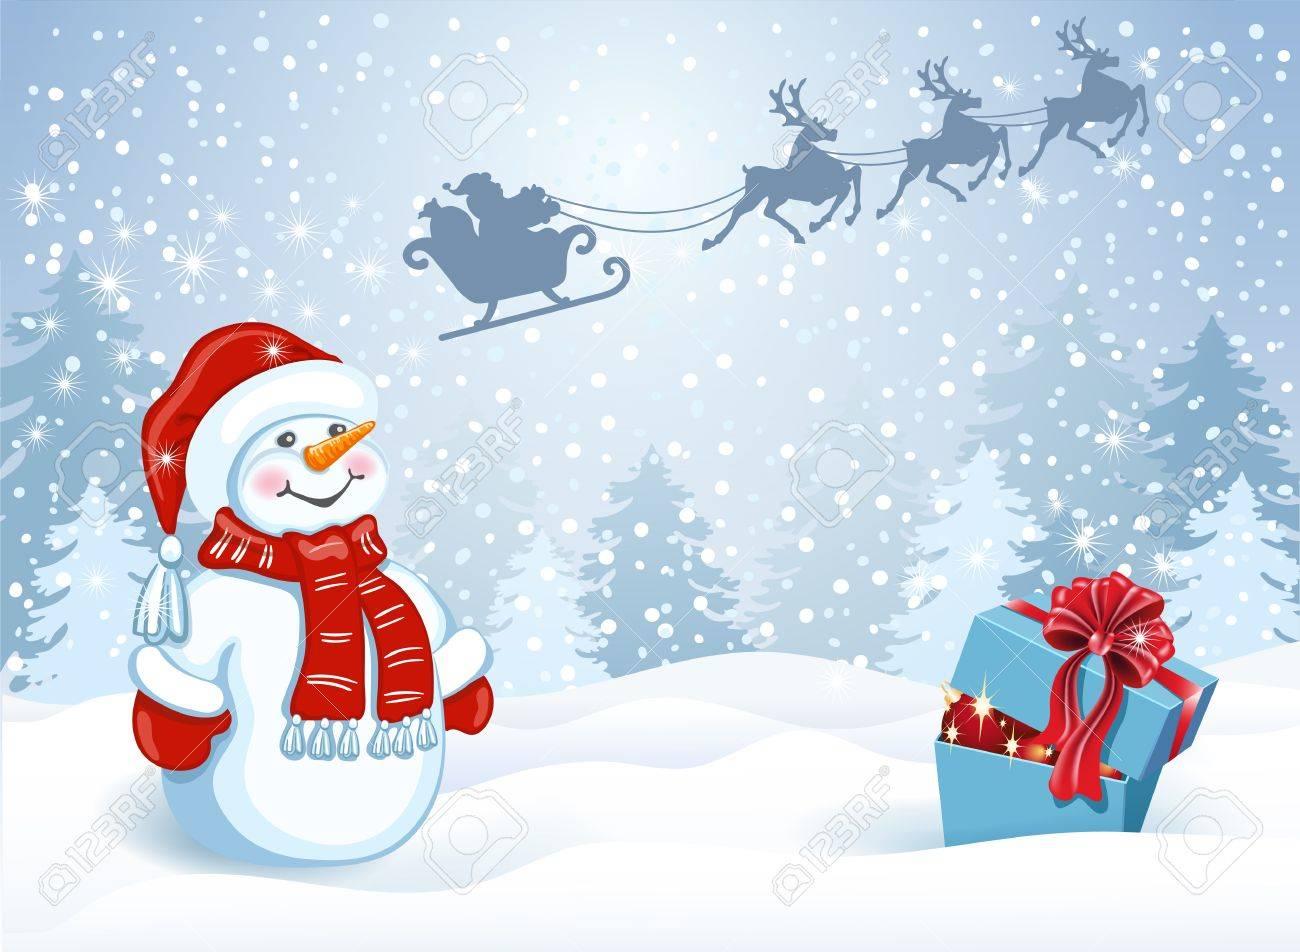 Carte De Noël Avec Boîte Cadeau Et Bonhomme De Neige Drôle Dans Santa Cap Contre Forêt D Hiver Et Le Père Noël En Traîneau Avec L équipe De Rennes